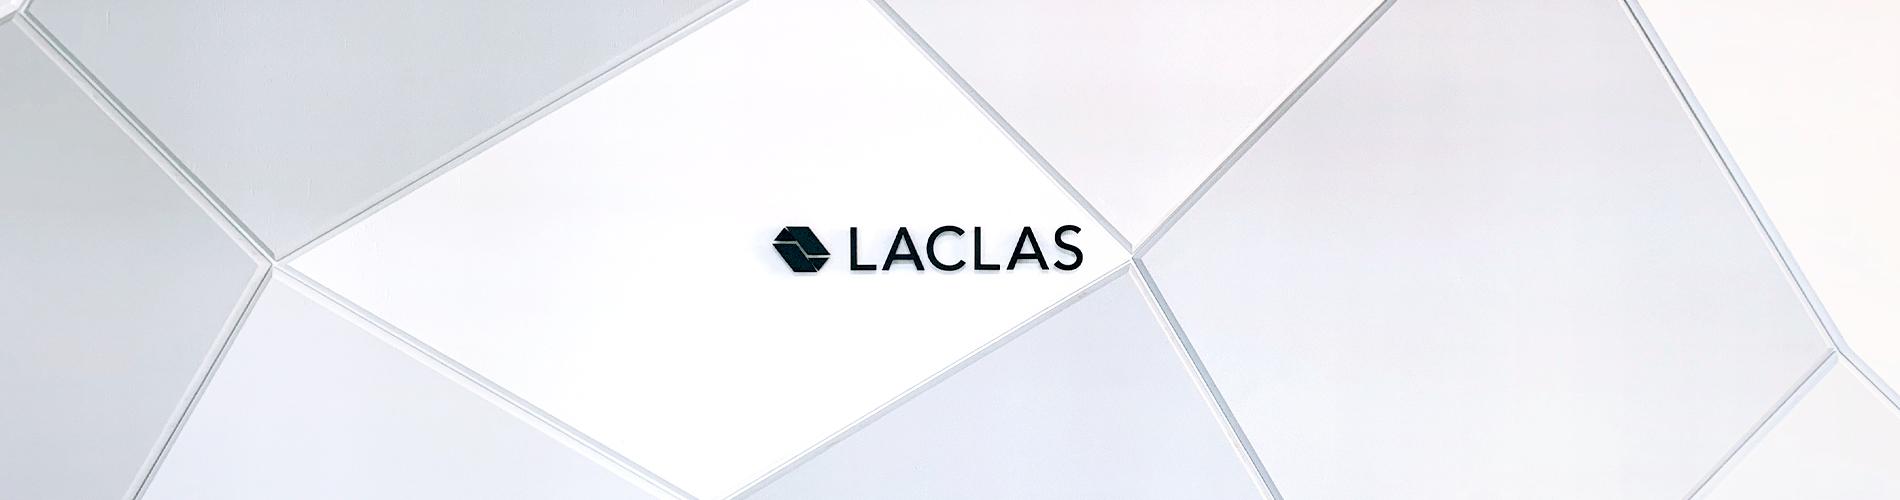 LACLAS BLOG